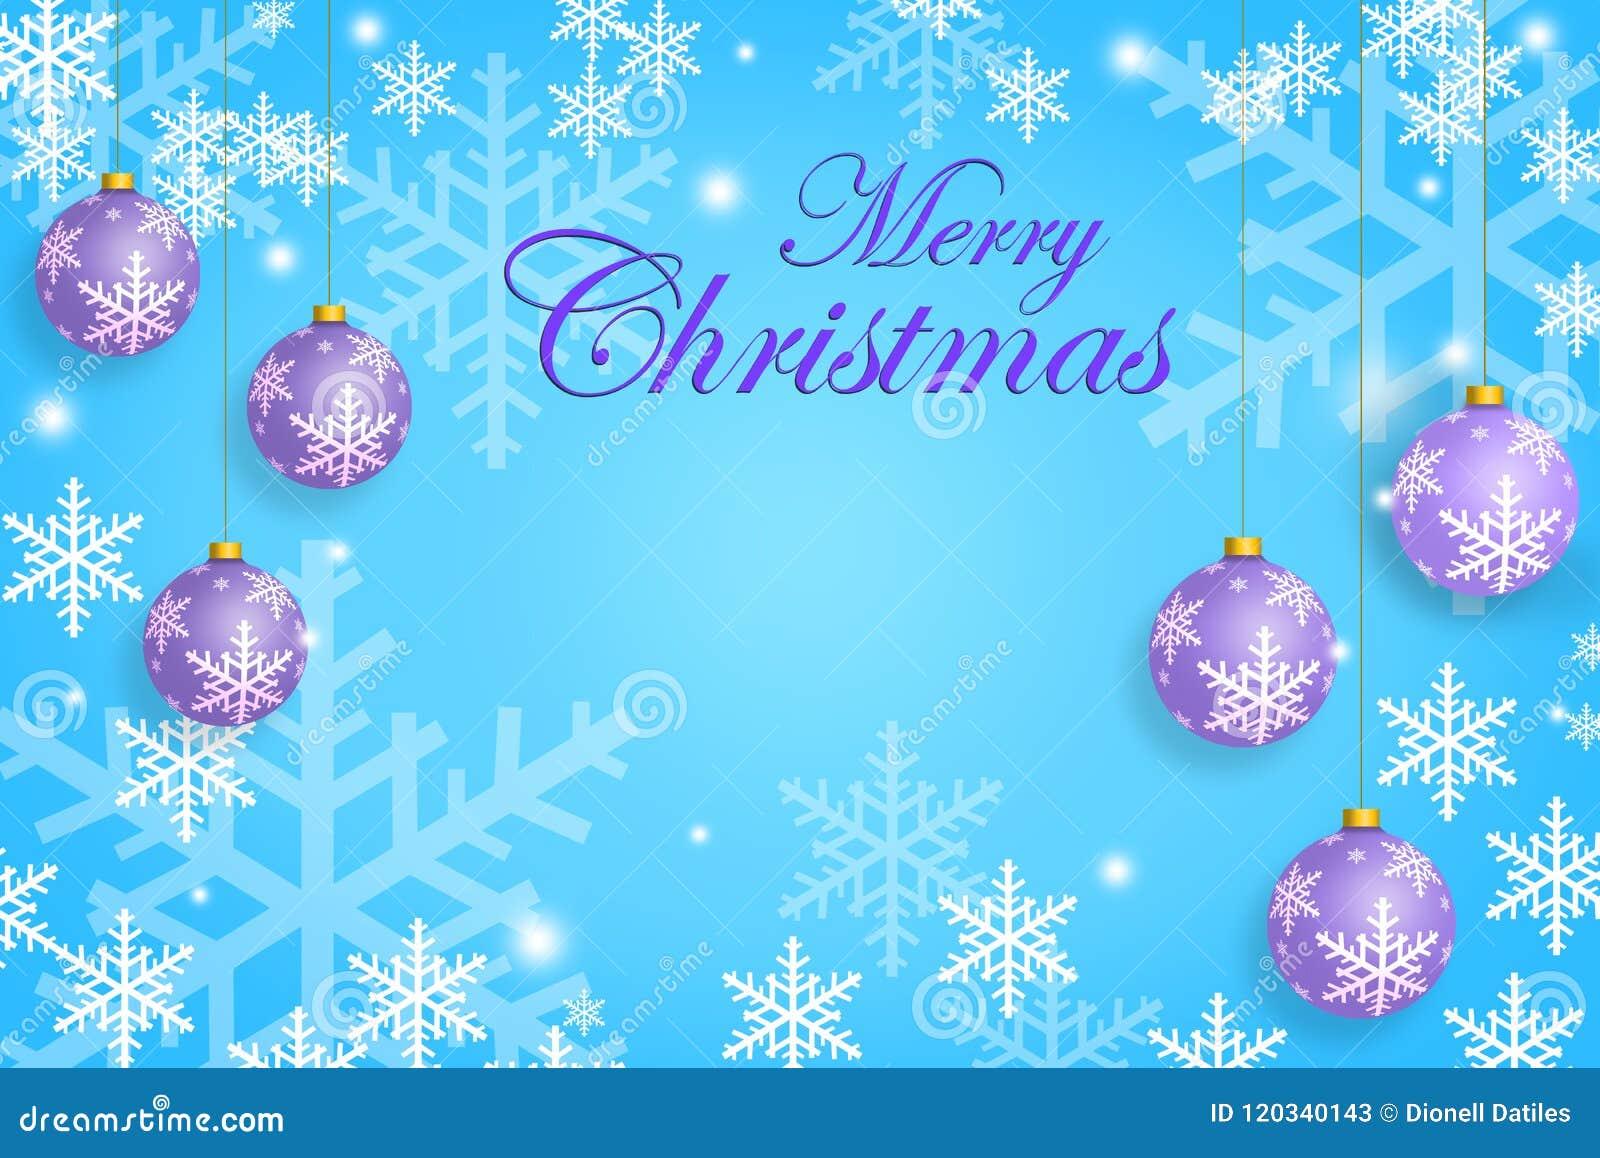 Πρότυπο ευχετήριων καρτών Χριστουγέννων στο χρώμα κρητιδογραφιών